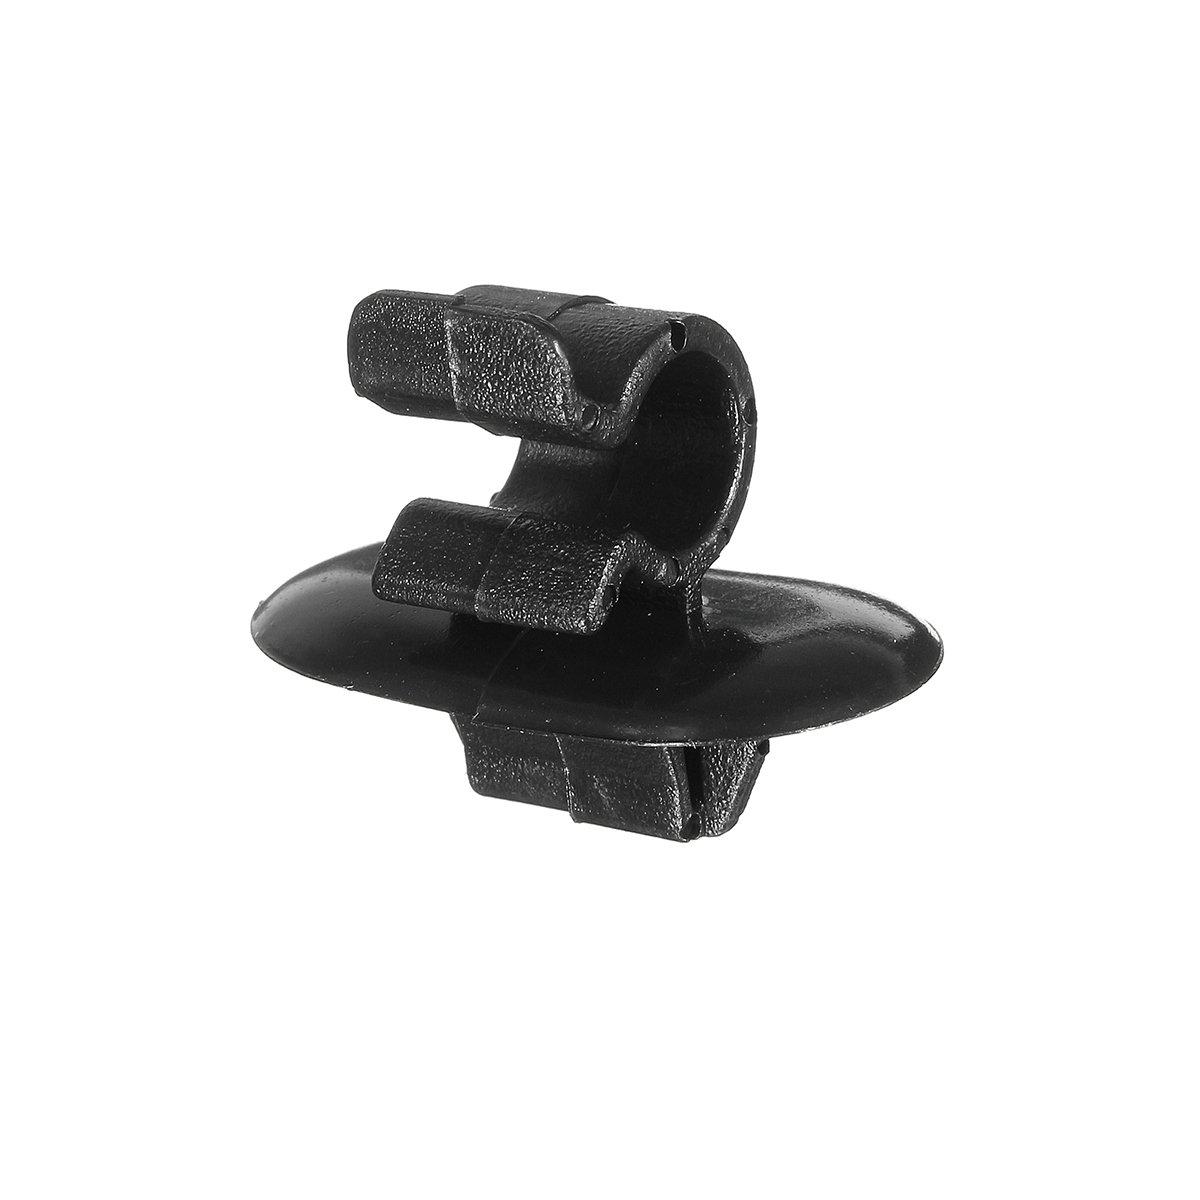 FeLiCia 2 X Bonnet Stay Clips Plastic Fastener Holder for Citroen for Peugeot Vauxhall Vivaro